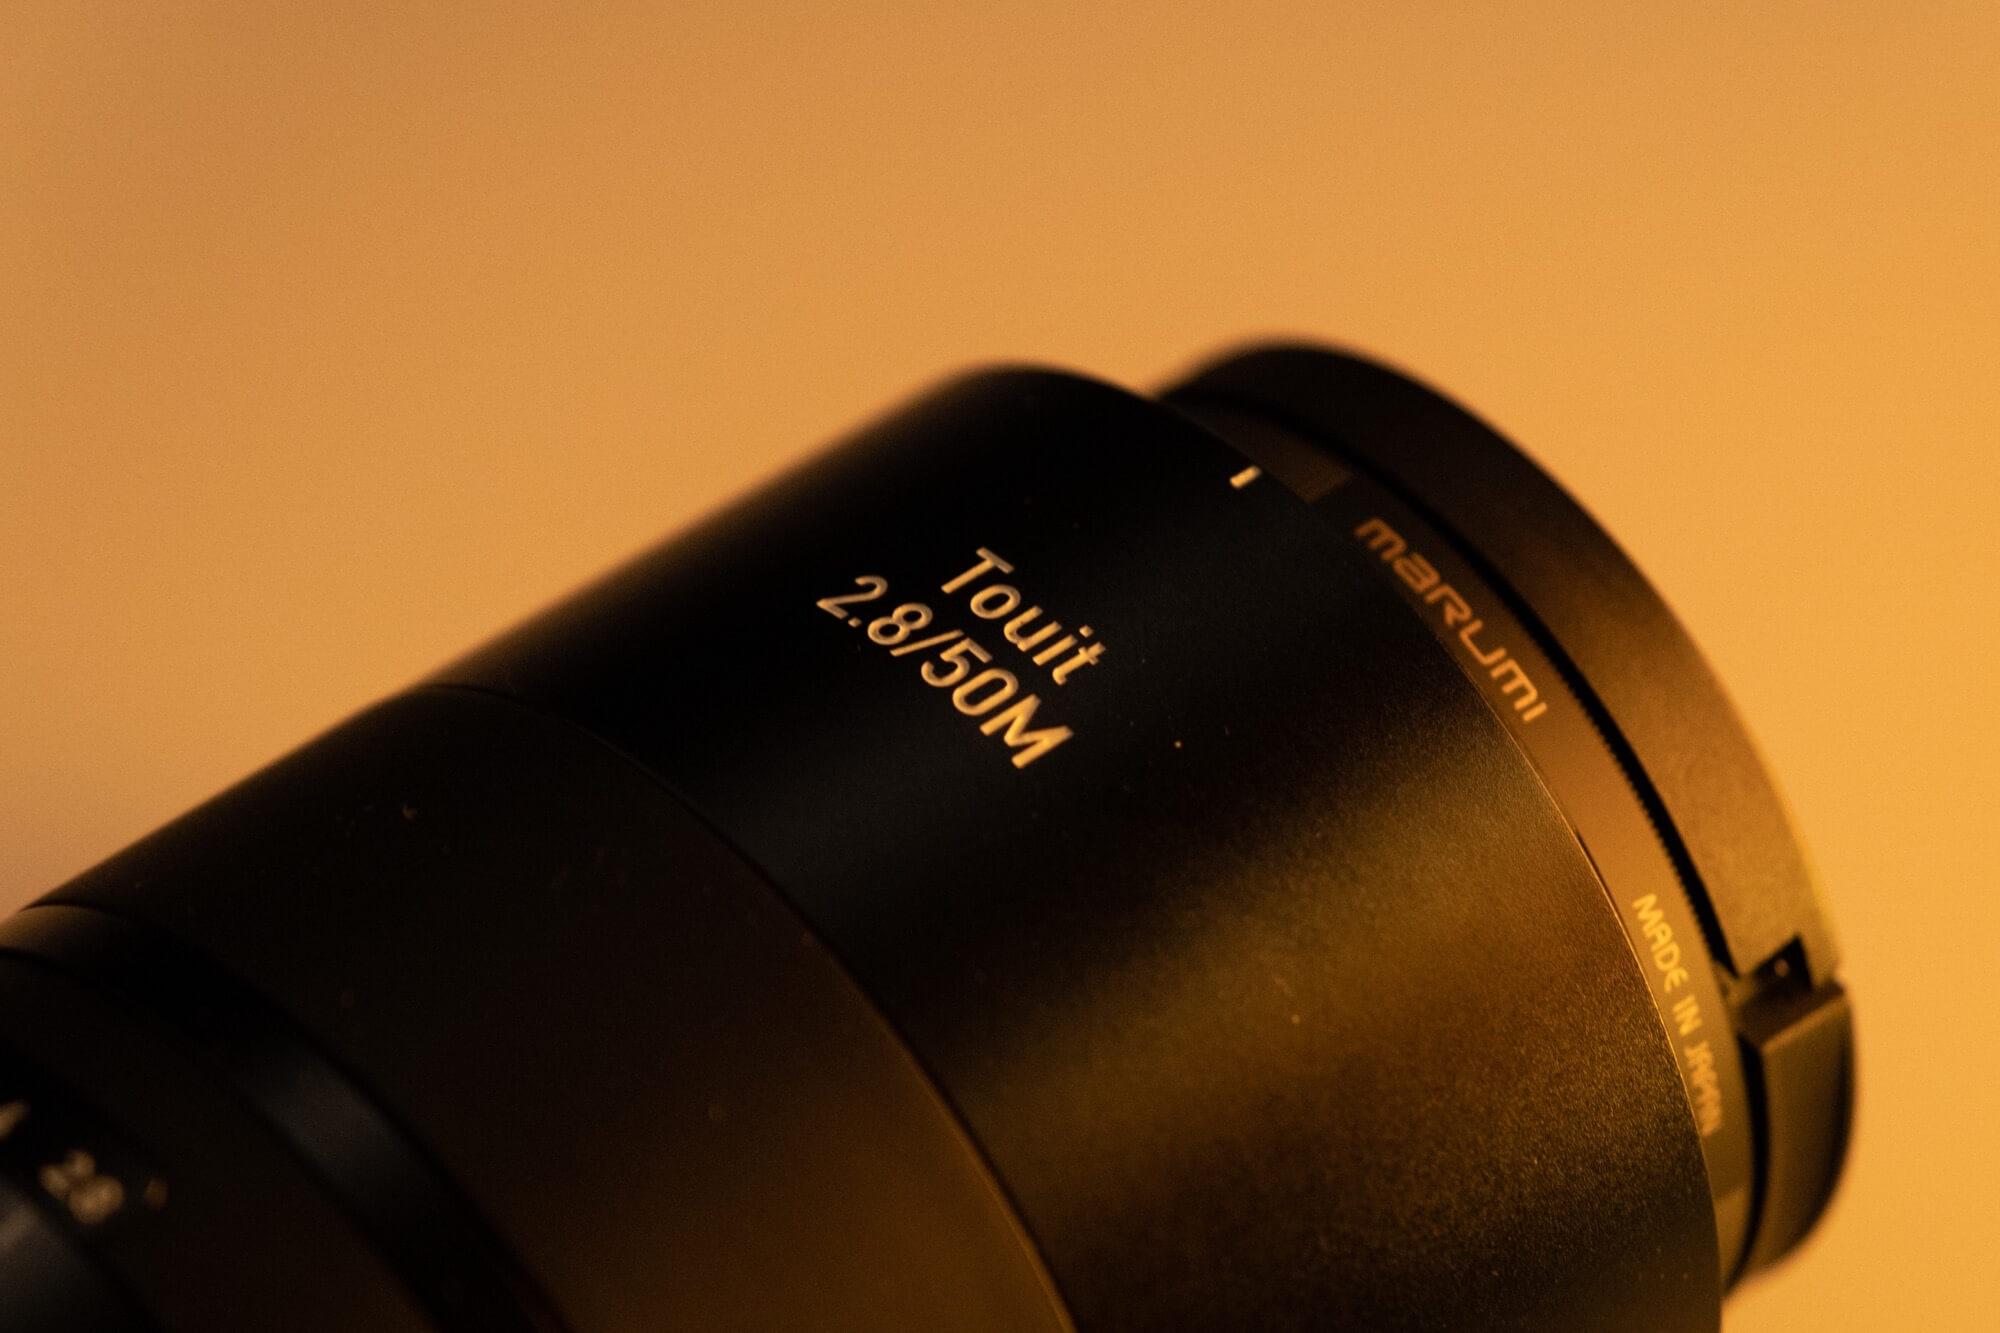 軽快に撮影できるXマウントのマクロレンズ。 Carl Zeiss「Touit 2.8/50M」レビュー。